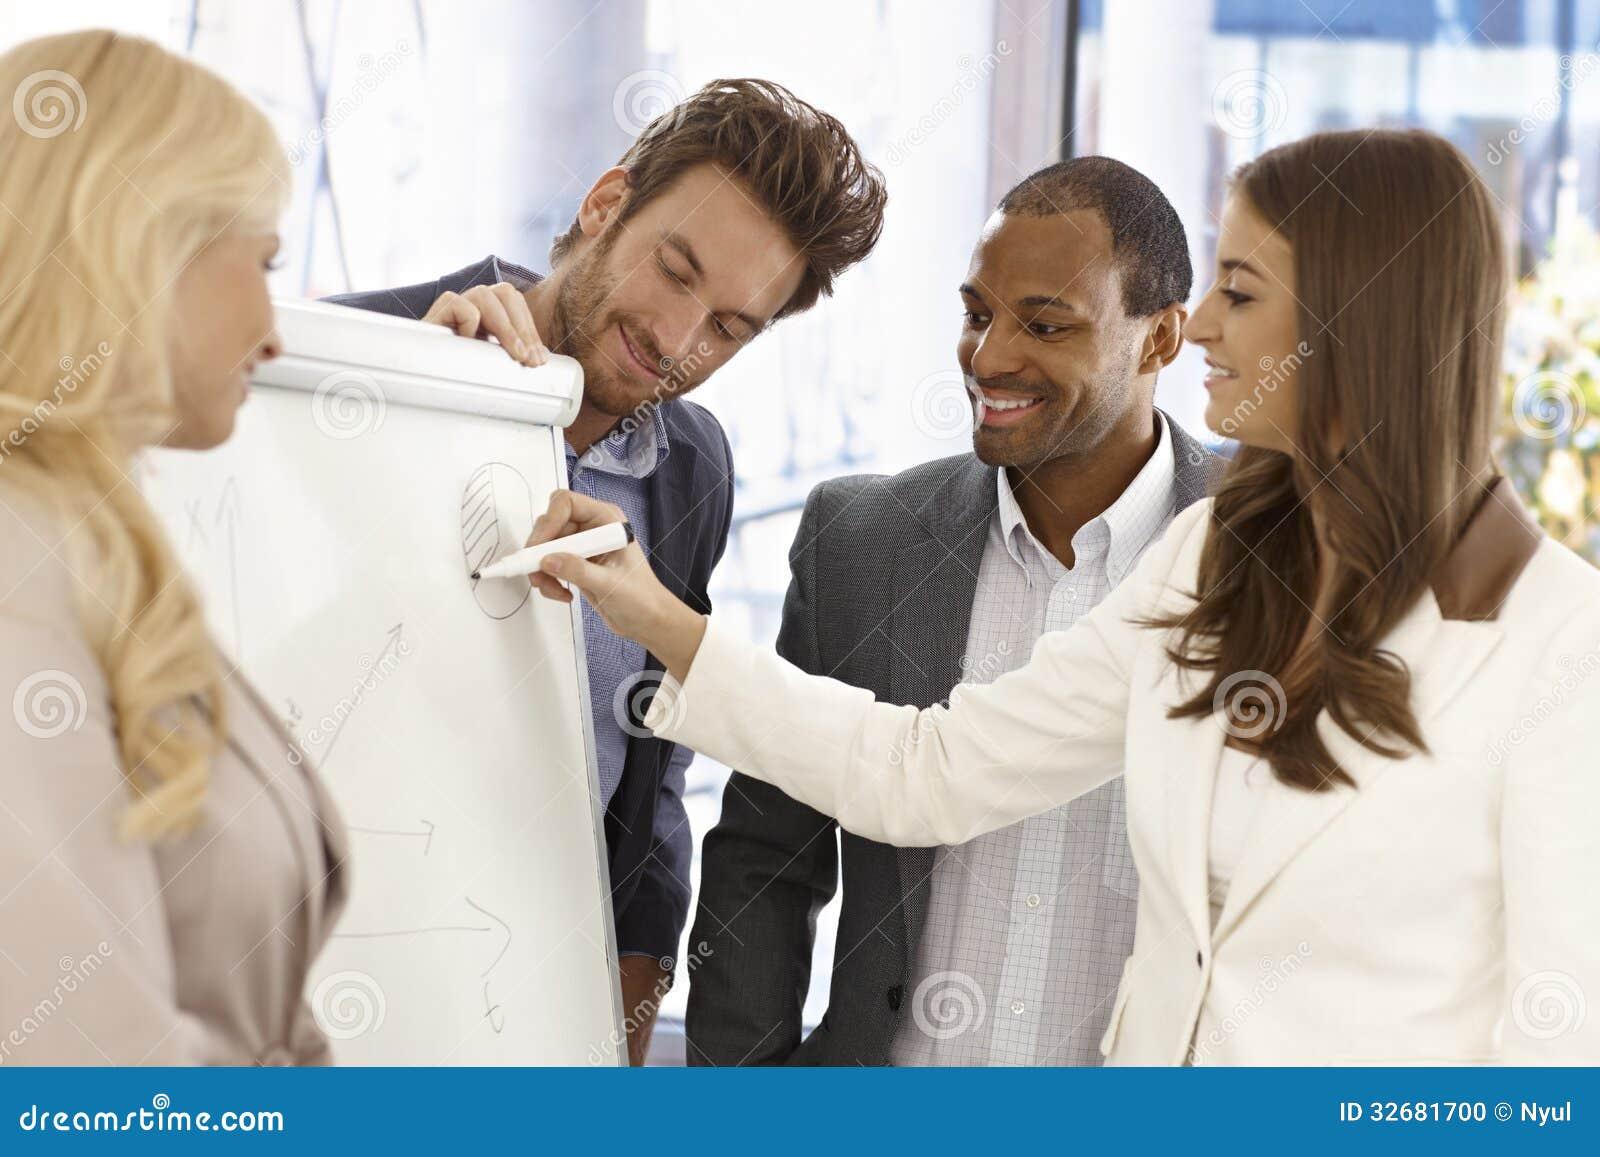 Businessteam using whiteboard